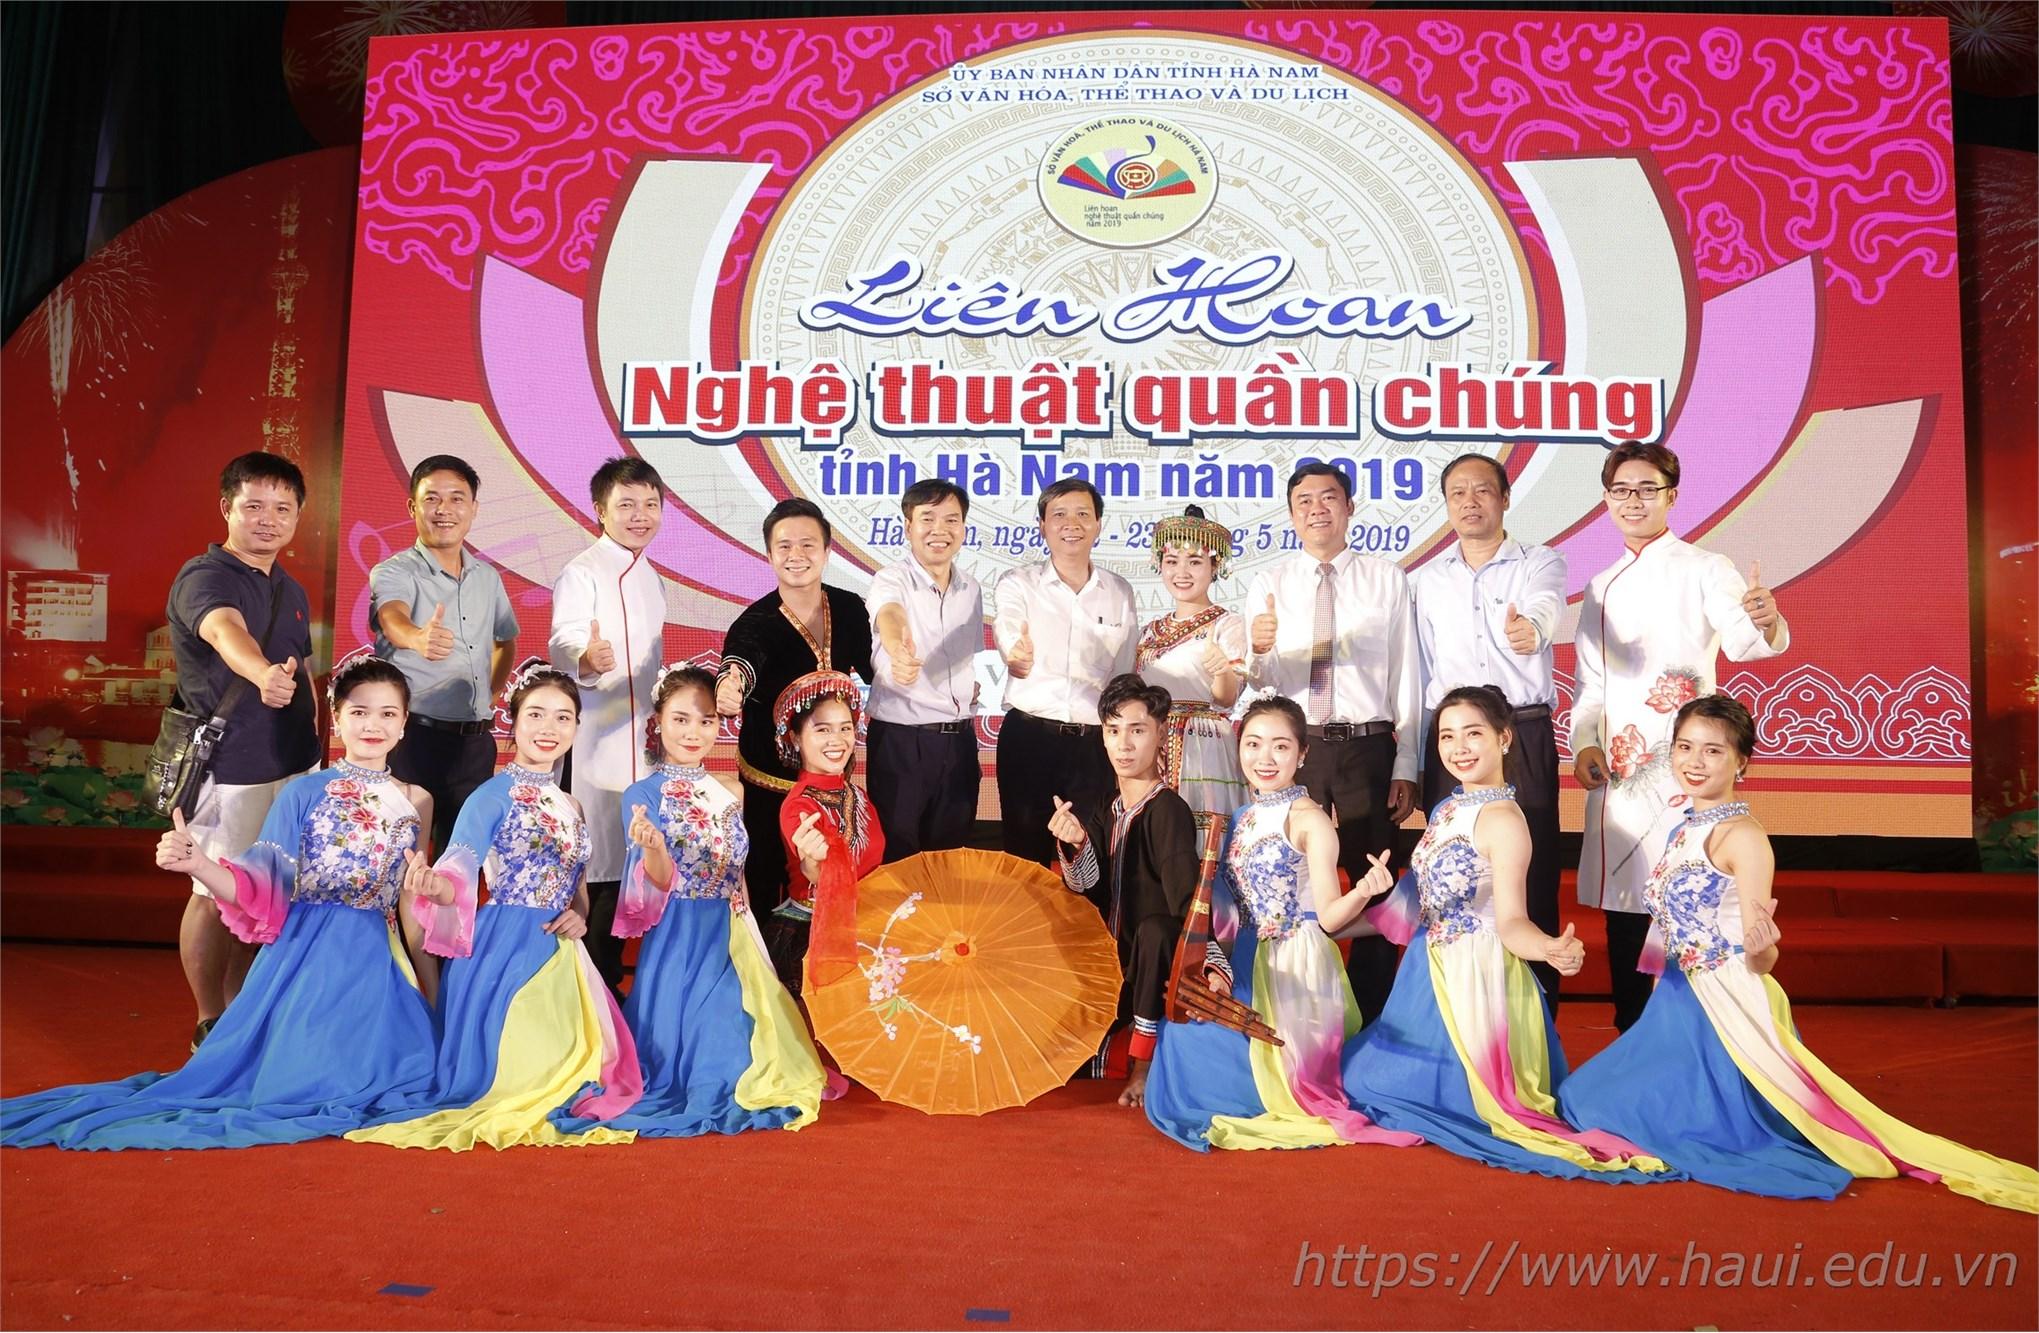 Đoàn nghệ thuật quần chúng Nhà trường chụp ảnh lưu niệm cùng Ban tổ chức tại Liên hoan Nghệ thuật Quần chúng tỉnh Hà Nam năm 2019